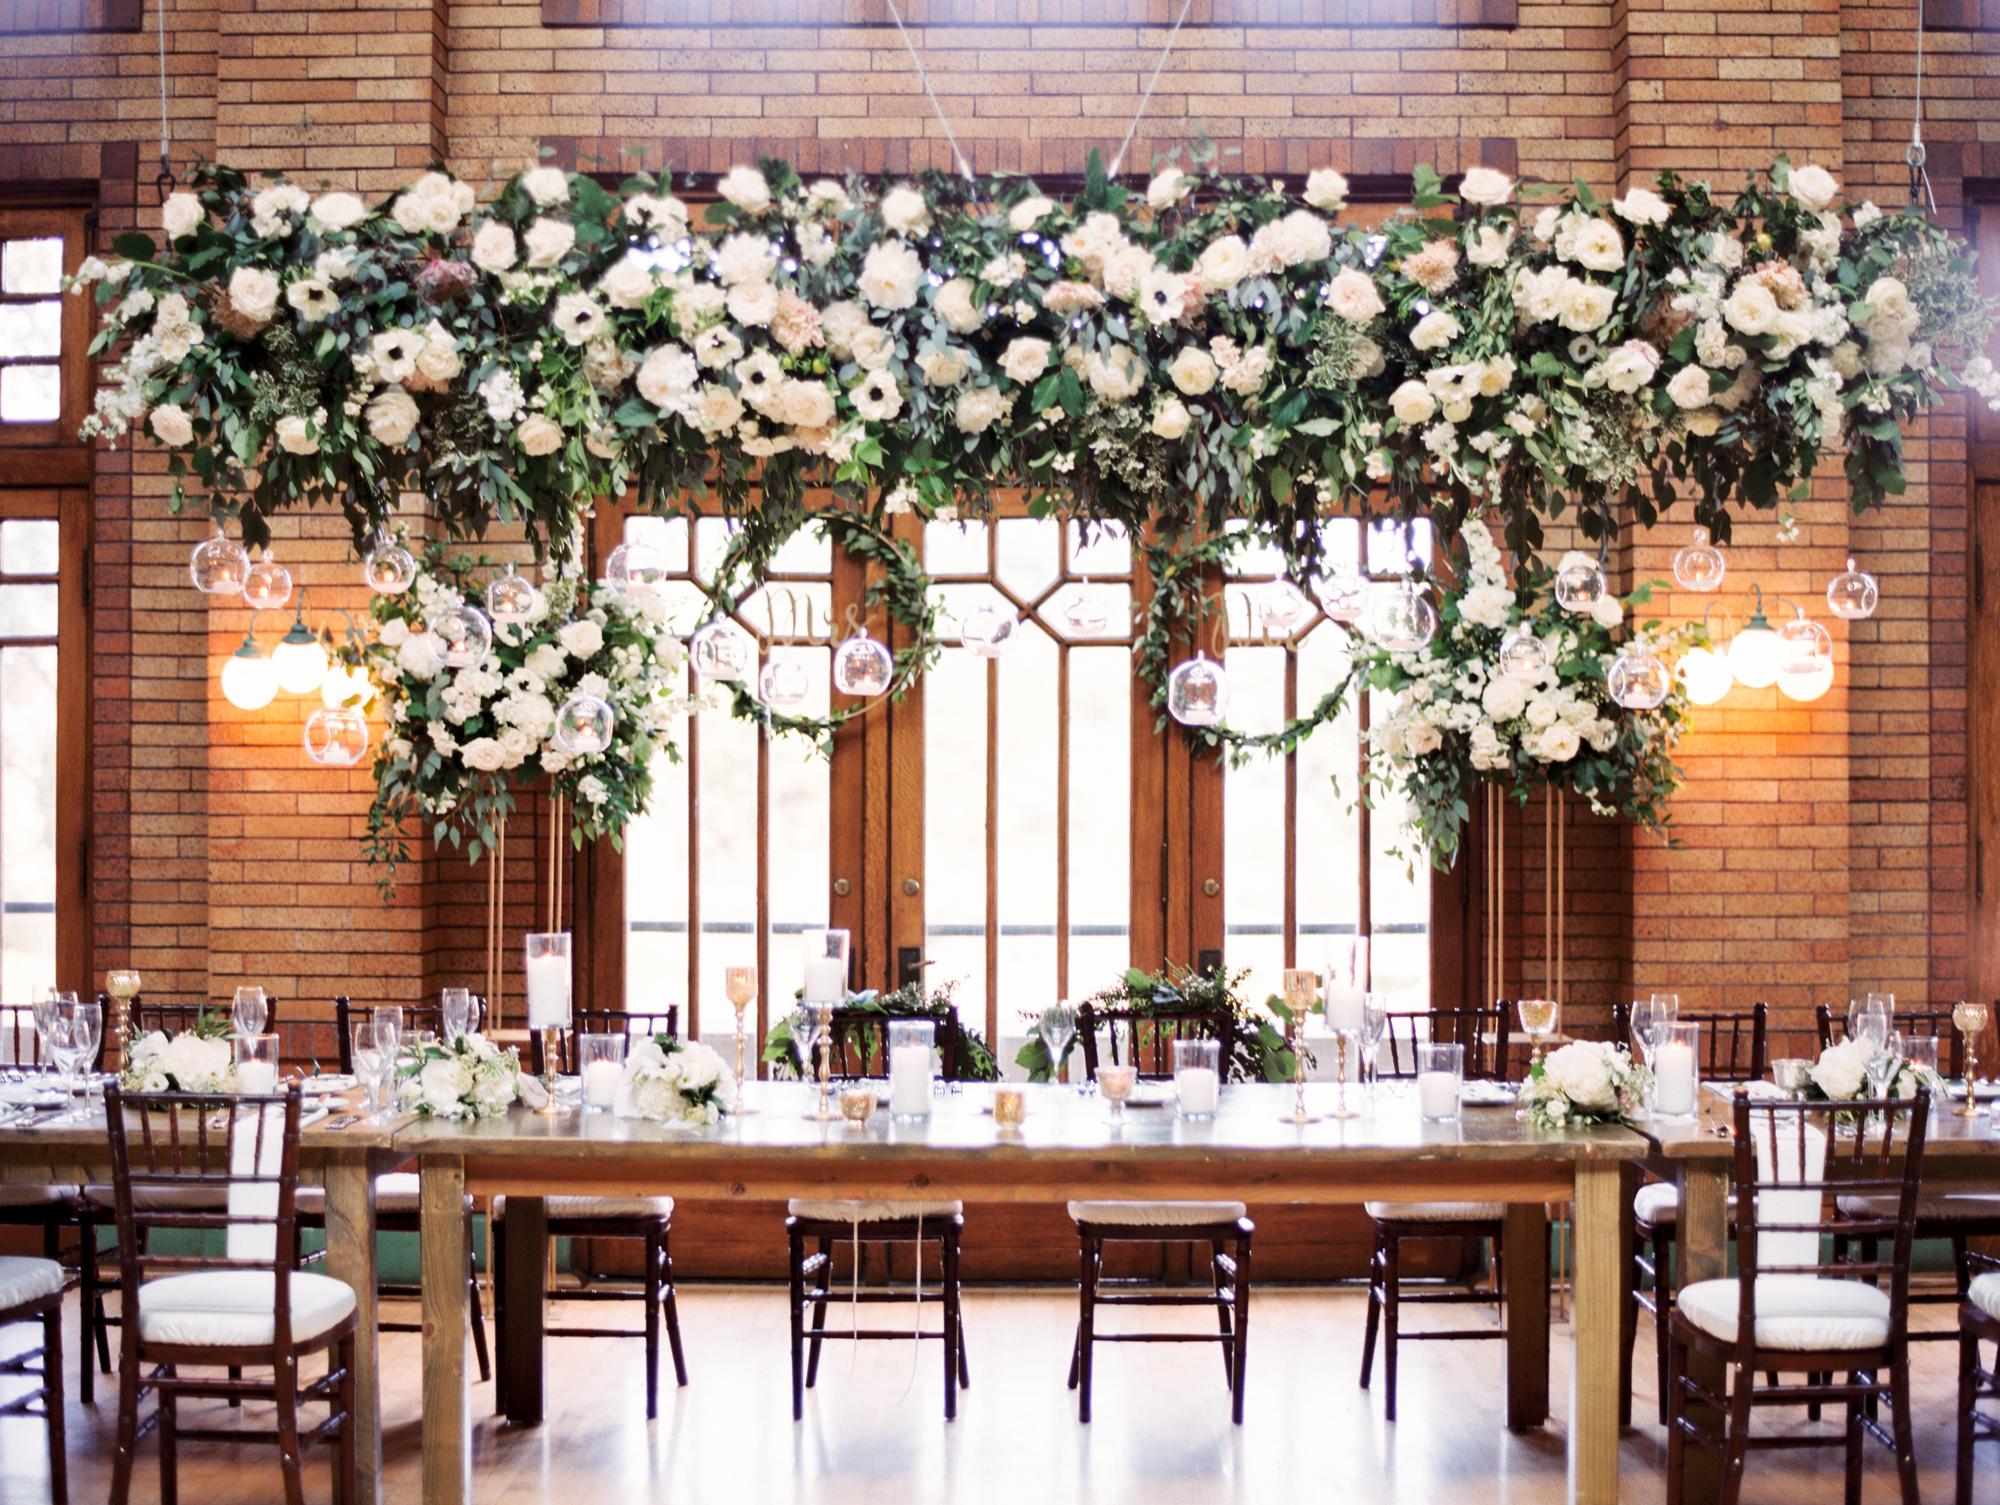 kristin-la-voie-photography-cafe-brauer-chicago-wedding-photographer-718.jpg